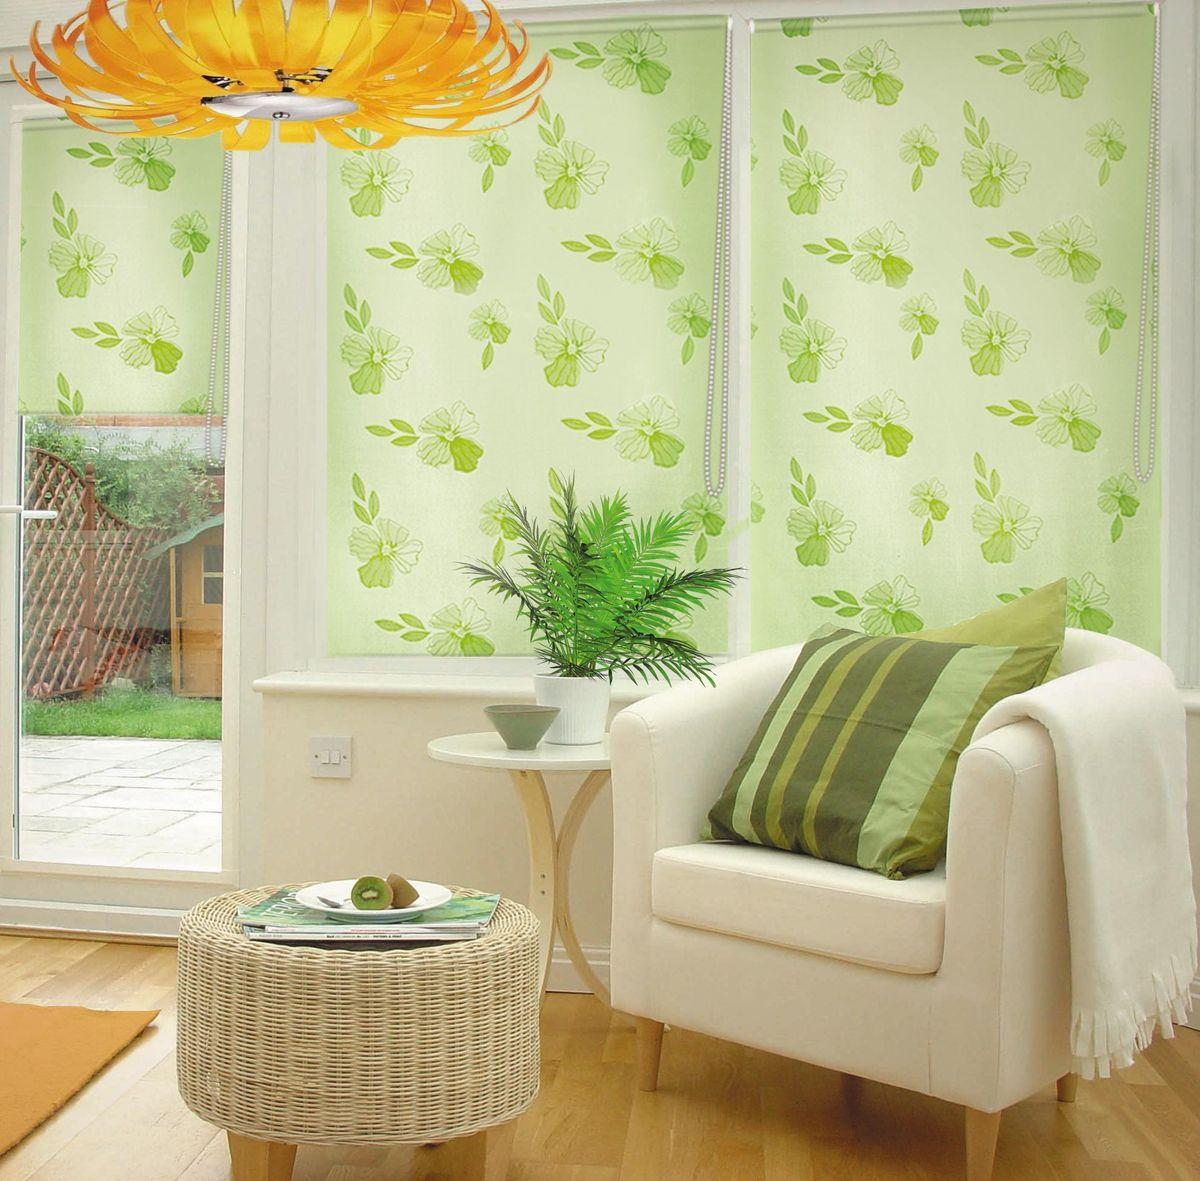 Штора рулонная Эскар Эдельвейс, цвет: зеленый, ширина 172 см, высота 160 см88004172160Рулонными шторами можно оформлять окна как самостоятельно, так и использовать в комбинации с портьерами. Это поможет предотвратить выгорание дорогой ткани на солнце и соединит функционал рулонных с красотой навесных. Преимущества применения рулонных штор для пластиковых окон: - имеют прекрасный внешний вид: многообразие и фактурность материала изделия отлично смотрятся в любом интерьере; - многофункциональны: есть возможность подобрать шторы способные эффективно защитить комнату от солнца, при этом она не будет слишком темной. - Есть возможность осуществить быстрый монтаж. ВНИМАНИЕ! Размеры ширины изделия указаны по ширине ткани! Во время эксплуатации не рекомендуется полностью разматывать рулон, чтобы не оторвать ткань от намоточного вала. В случае загрязнения поверхности ткани, чистку шторы проводят одним из способов, в зависимости от типа загрязнения: легкое поверхностное загрязнение можно удалить при помощи канцелярского ластика; чистка от пыли производится сухим методом при...